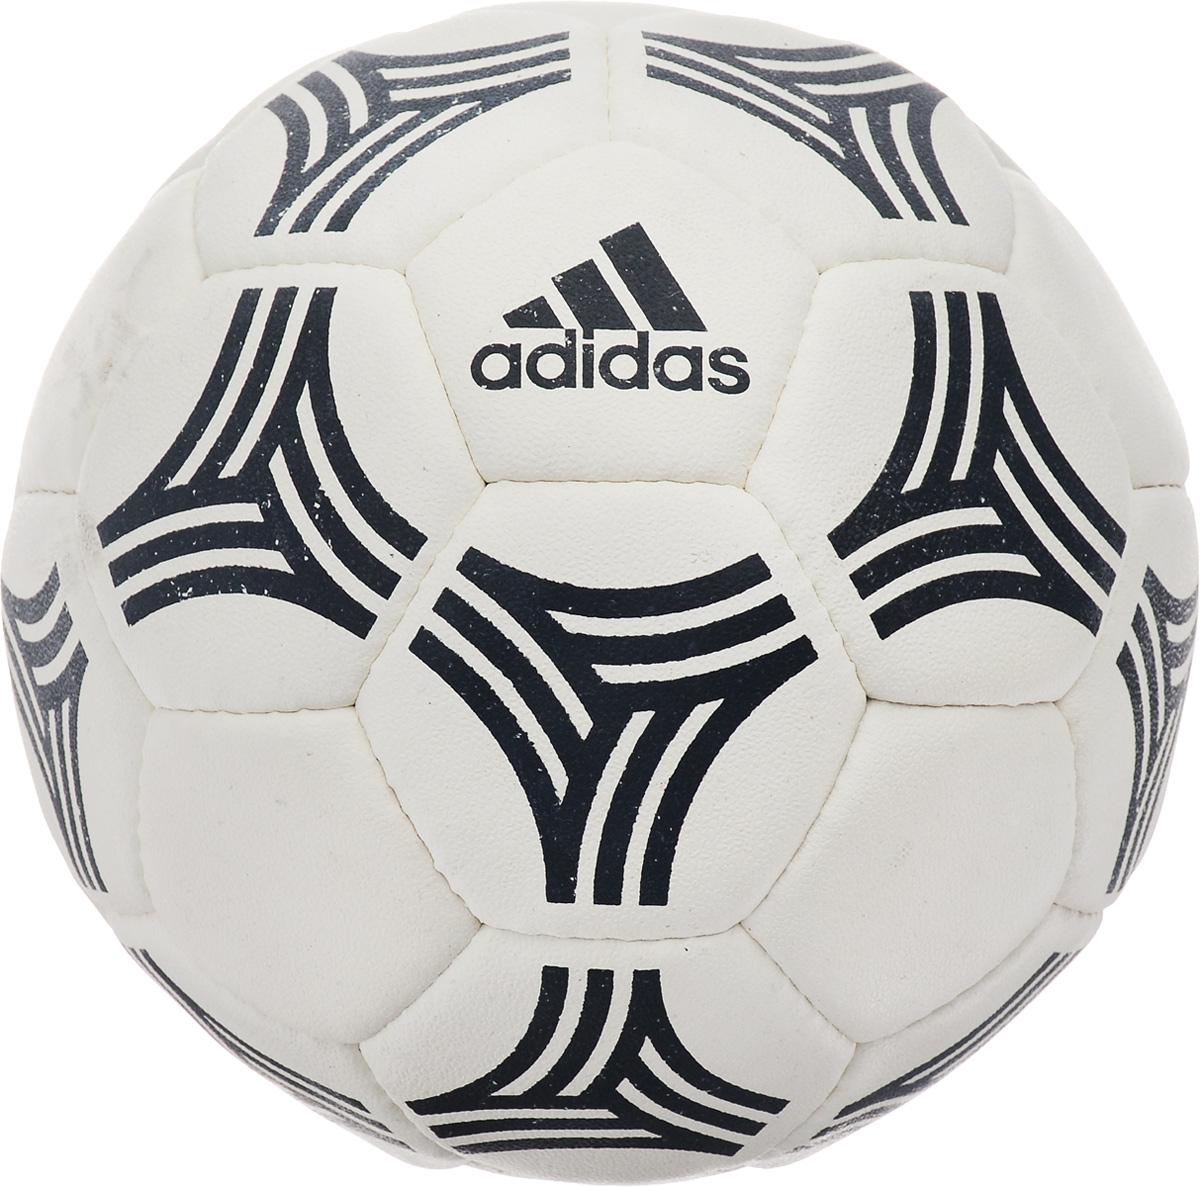 Мяч футбольный Adidas Tango Allaround, цвет: белый, черный. Размер 5AZ5191Футбольный мяч Adidas Tango Allaround выполнен из высококачественного каучука. Машинная строчка обеспечивает мягкий контакт и максимальную прочность. Нейлоновая нить обеспечивает дополнительную прочность. Камера выполнена из латекса.